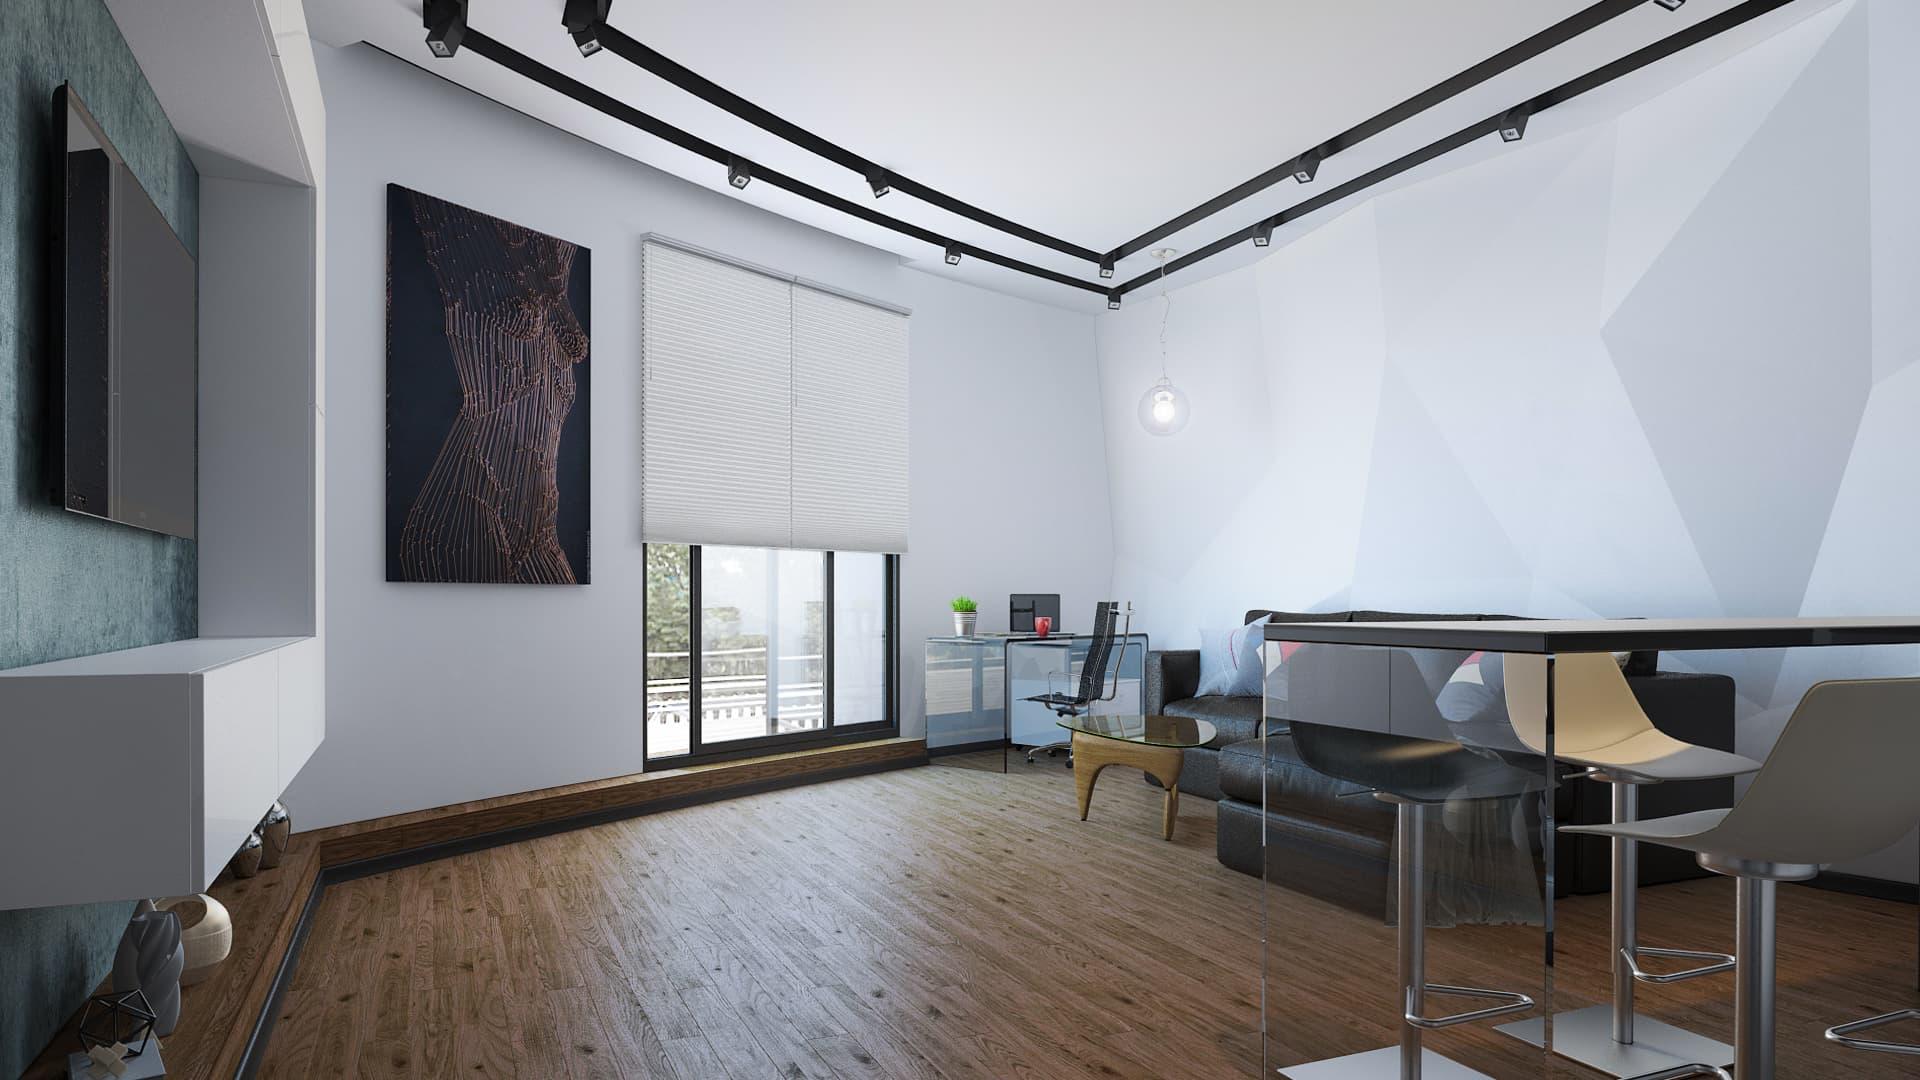 Черно-белый дизайн интерьера однокомнатной квартиры с террасой